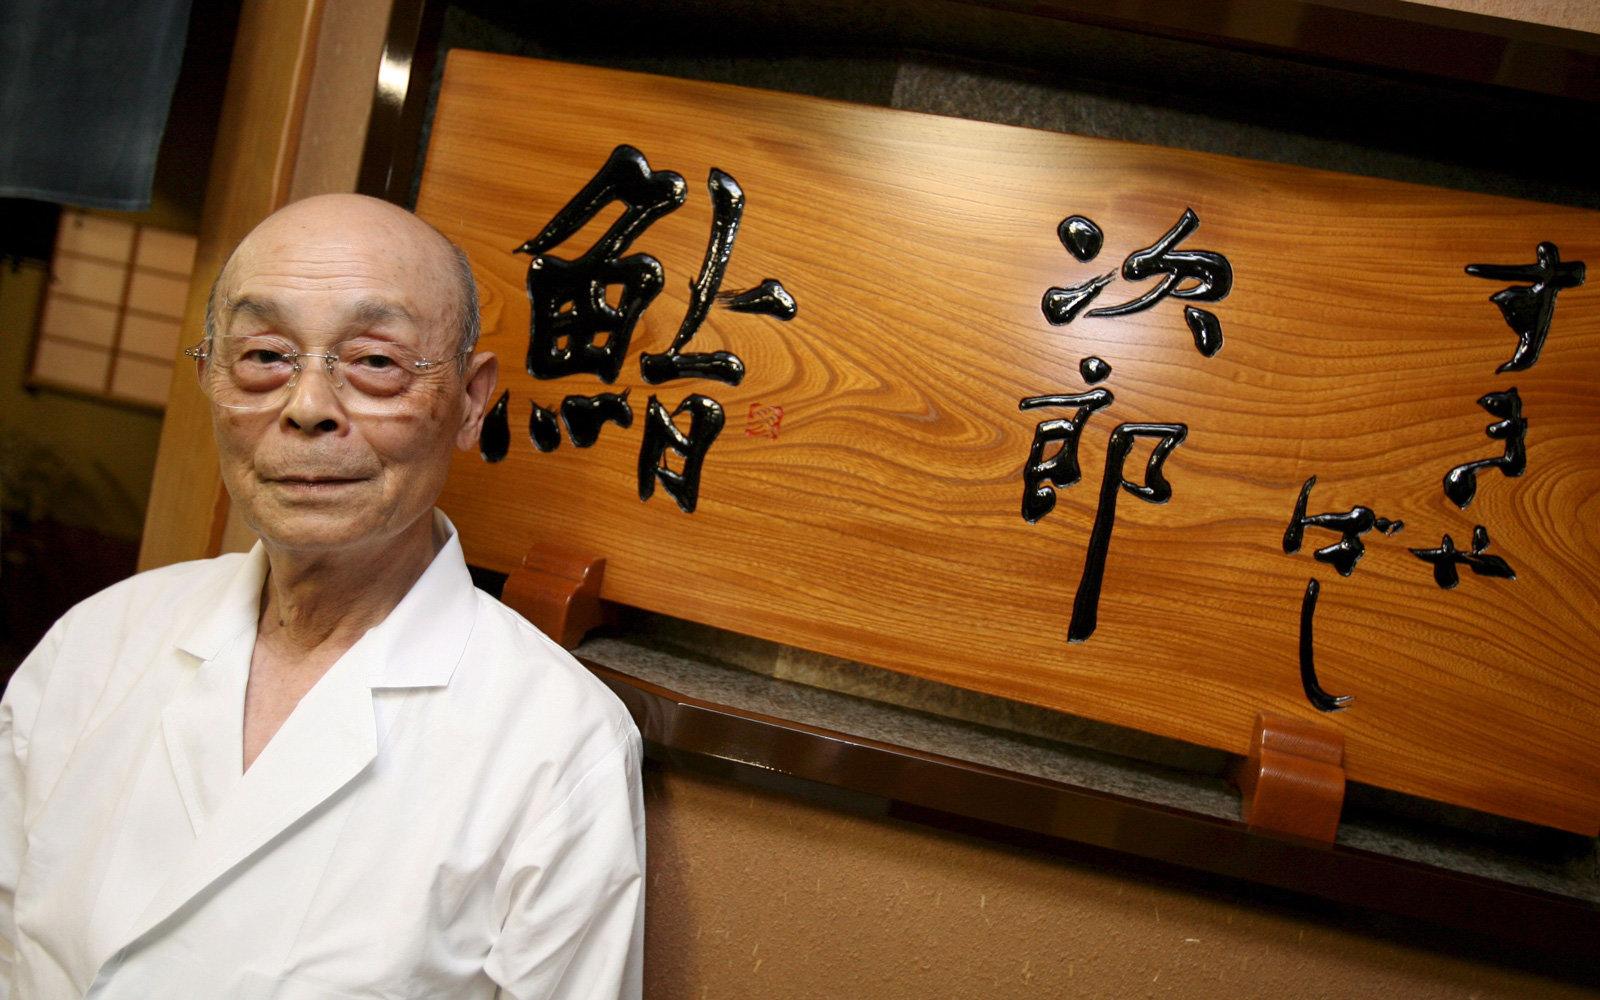 O famoso restaurante 'Jiro Dreams of Sushi' já não tem estrelas Michelin